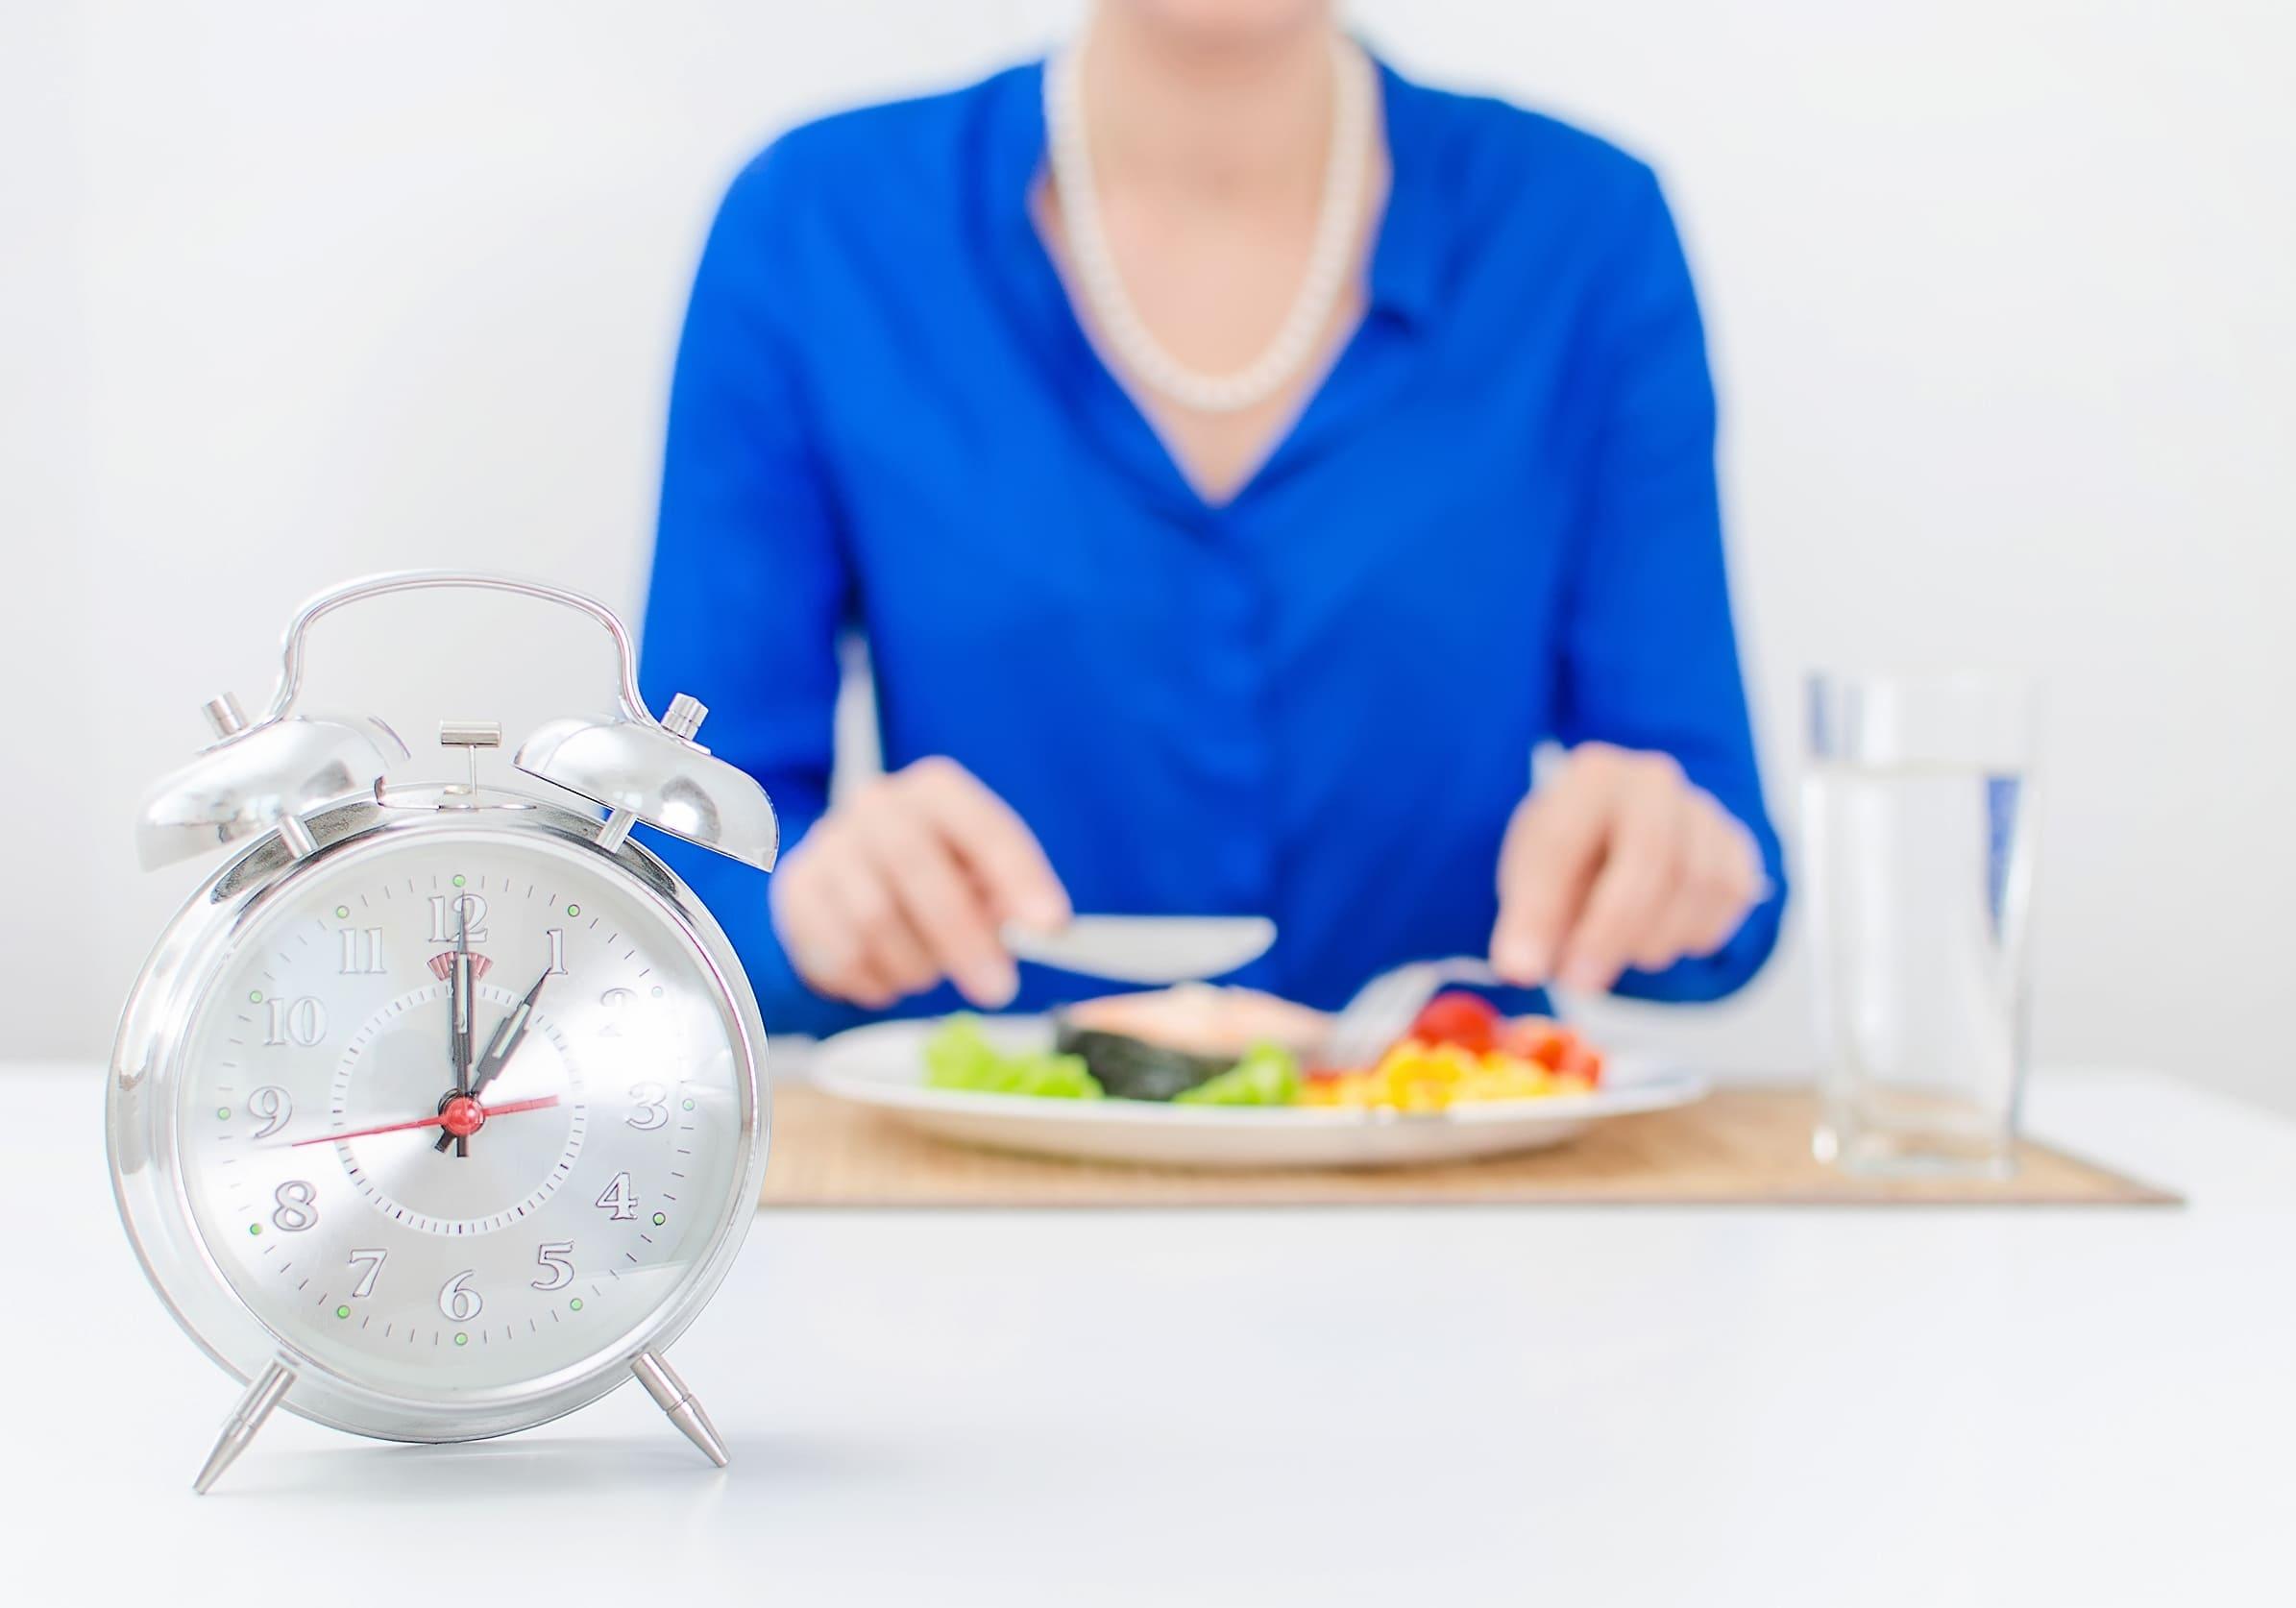 どのタイミングで摂取するのがお勧め?女性が食事をする写真